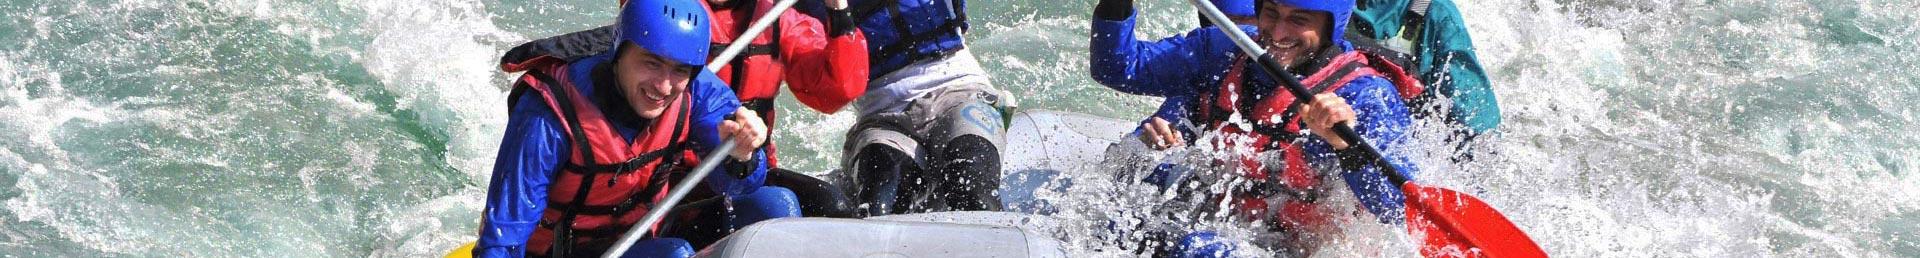 Rafting Aquitaine